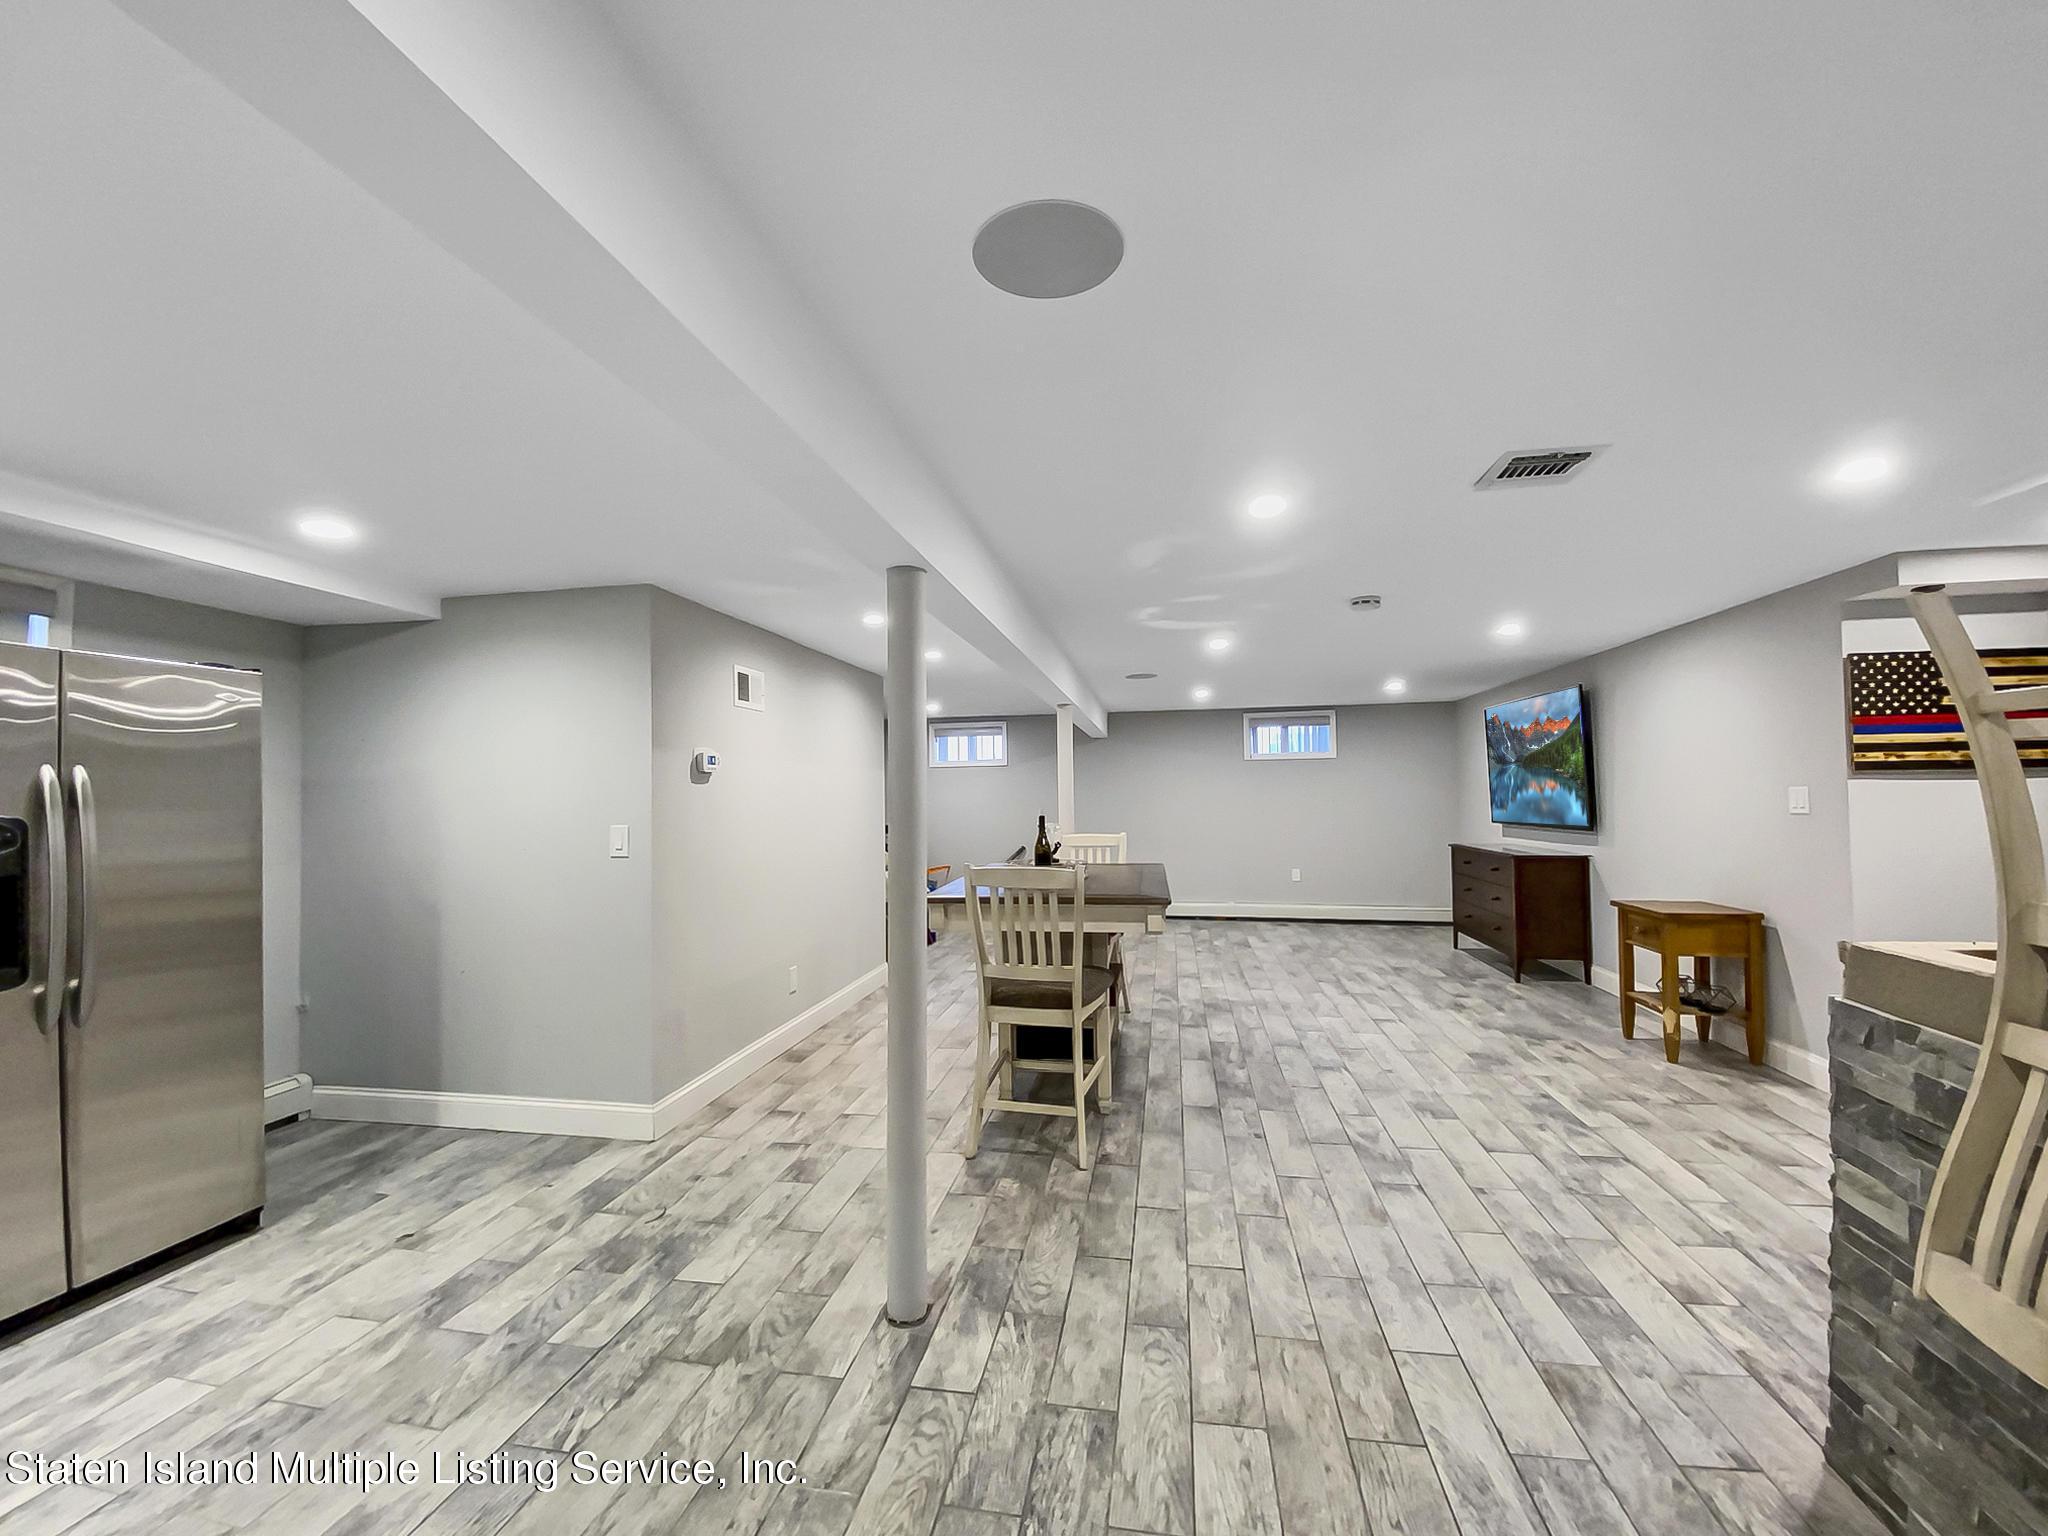 Single Family - Detached 543 Wainwright Avenue  Staten Island, NY 10312, MLS-1143141-20